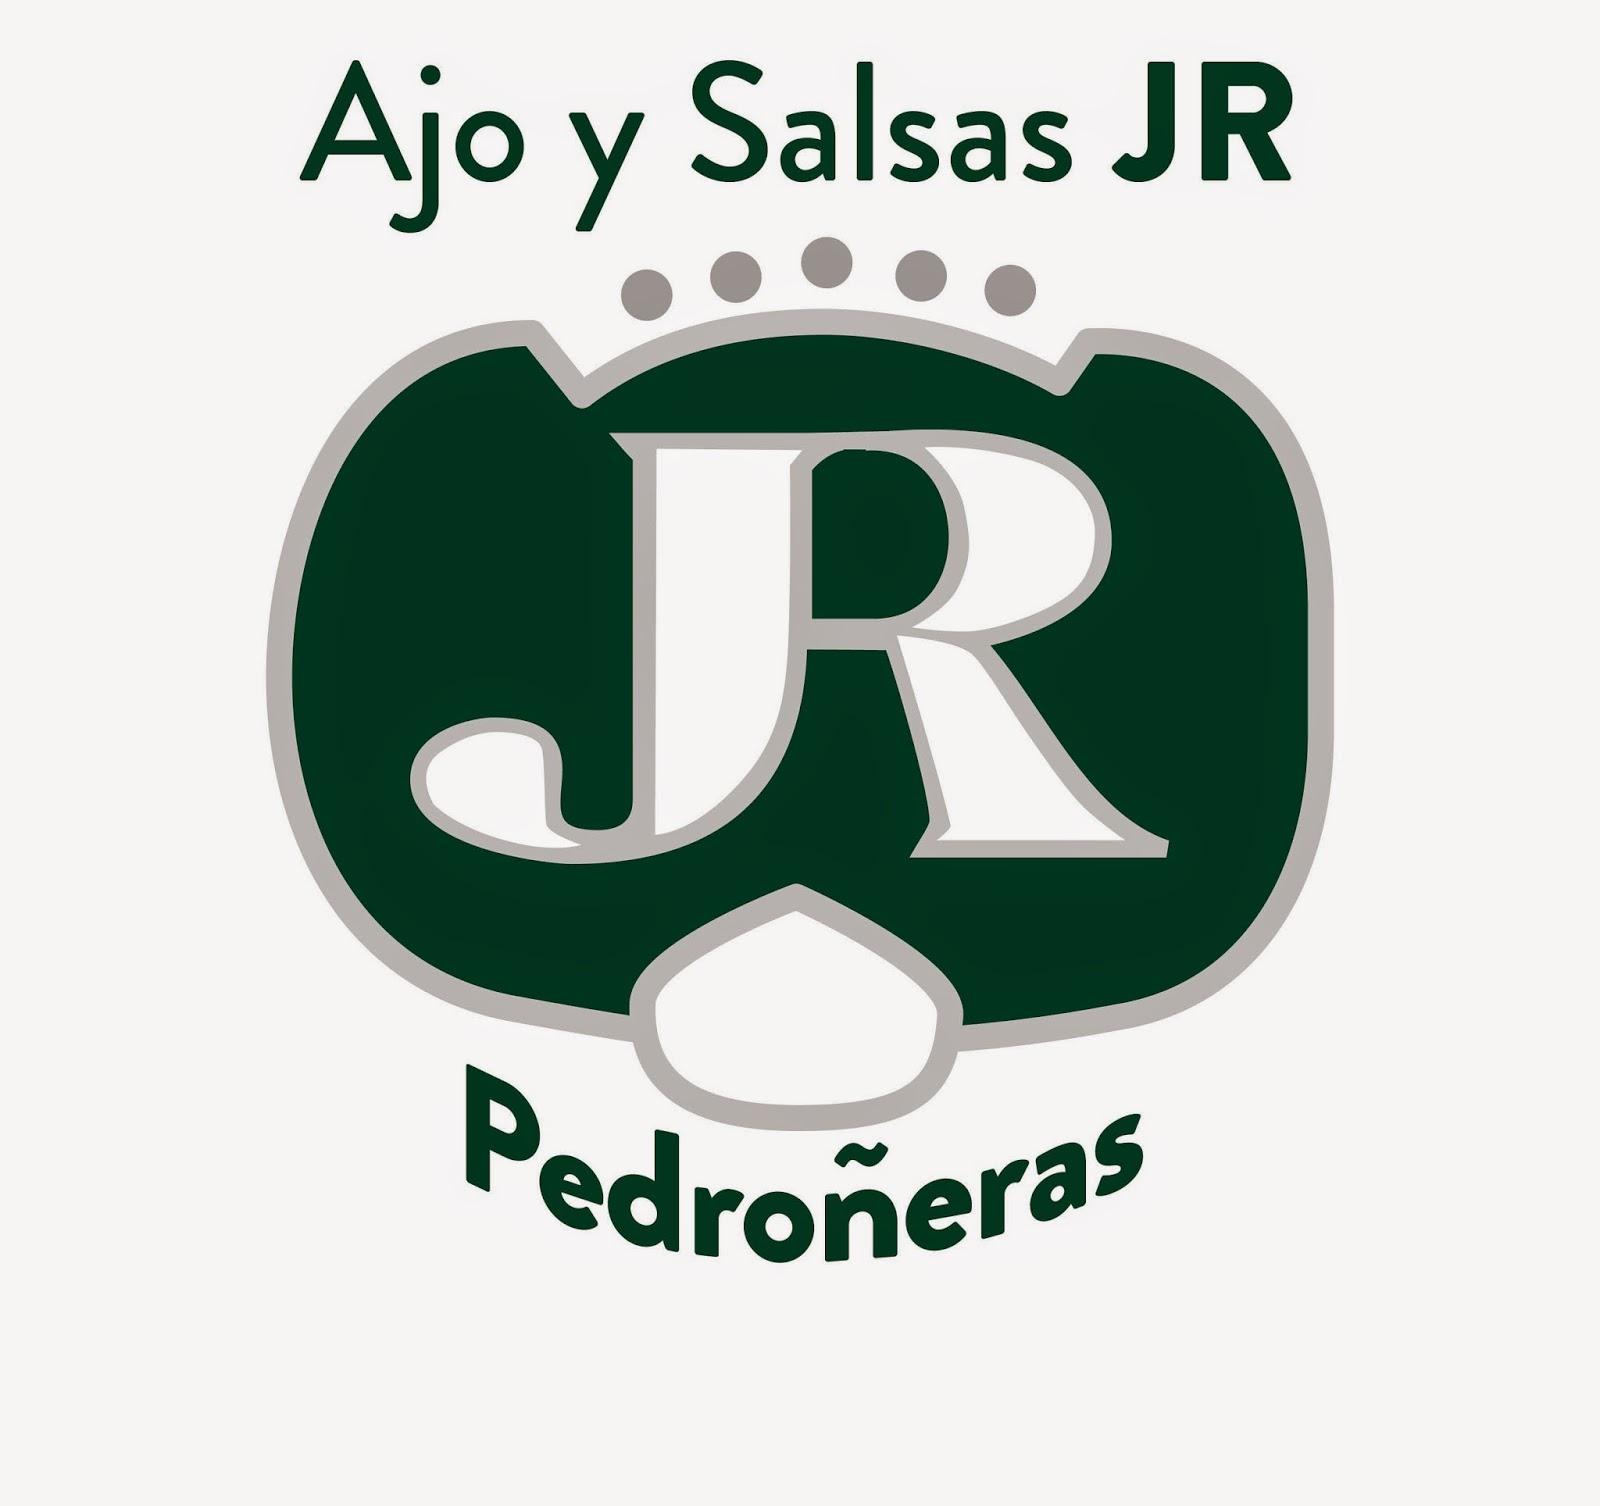 Salsas JR